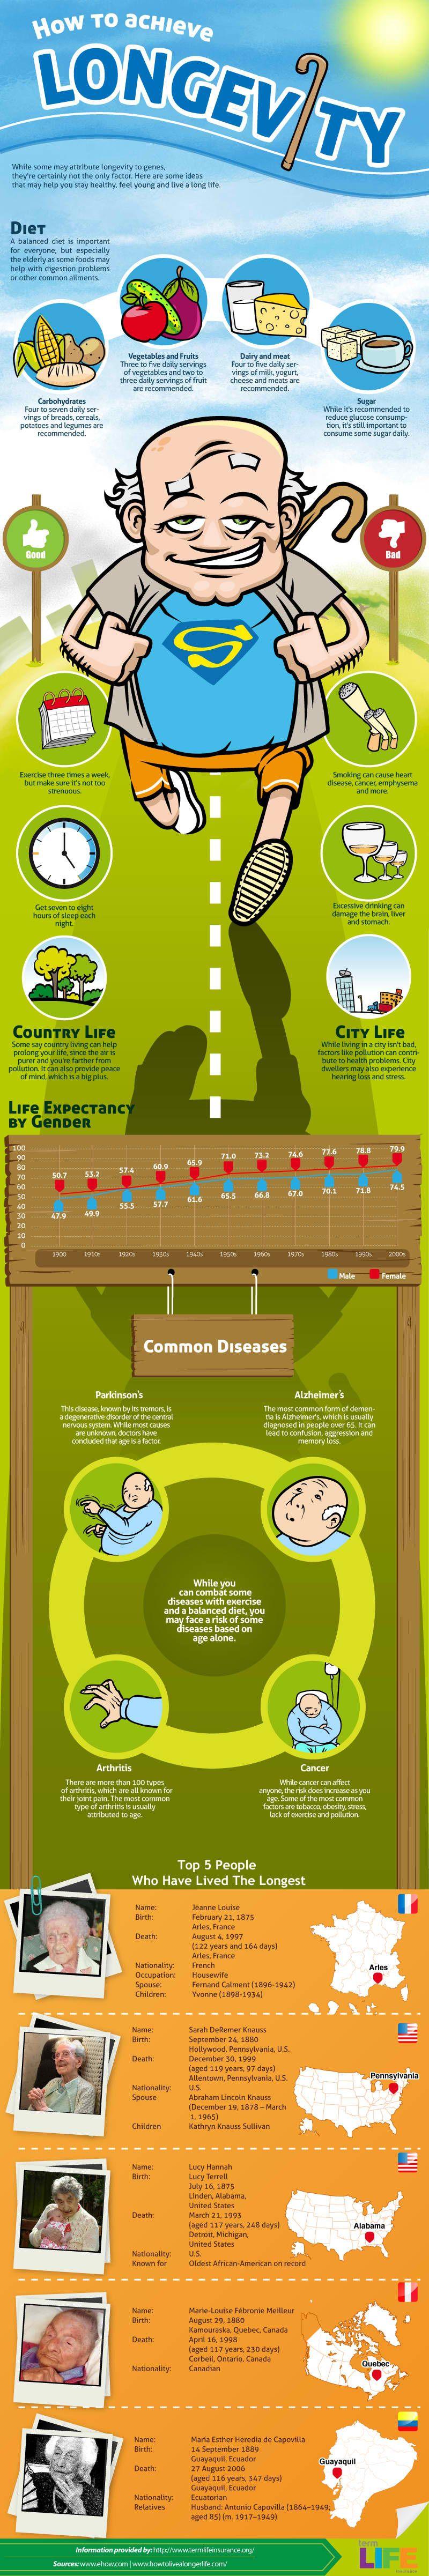 10 Secrets To Longevity: Live Longer, Live Happier